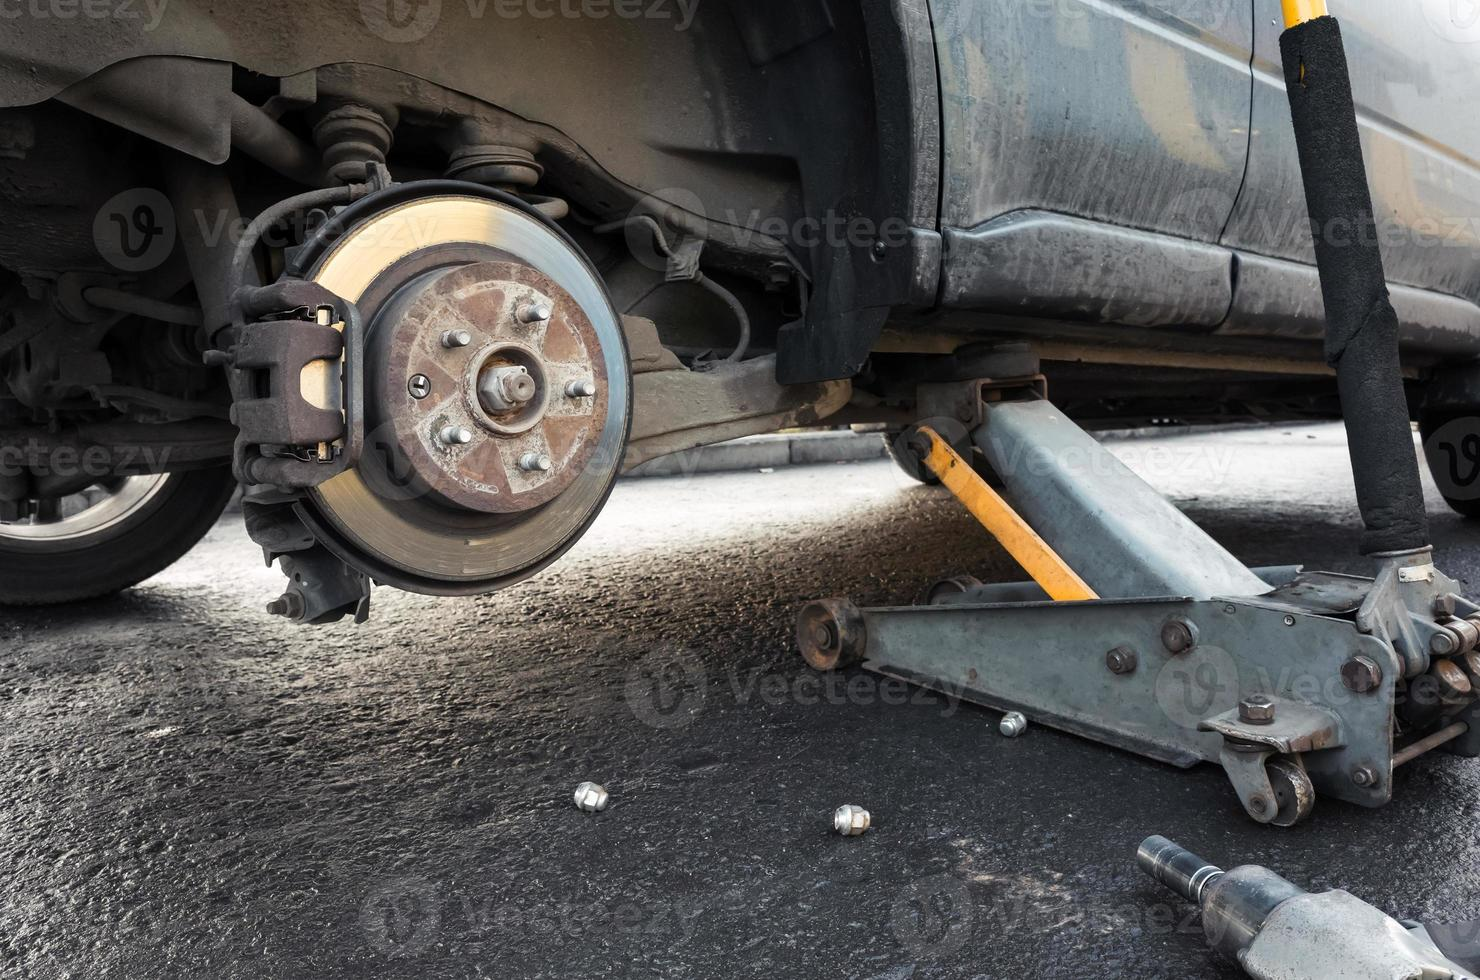 Der Wagenheber ersetzt das Rad eines Autos und hält die Karosserie foto